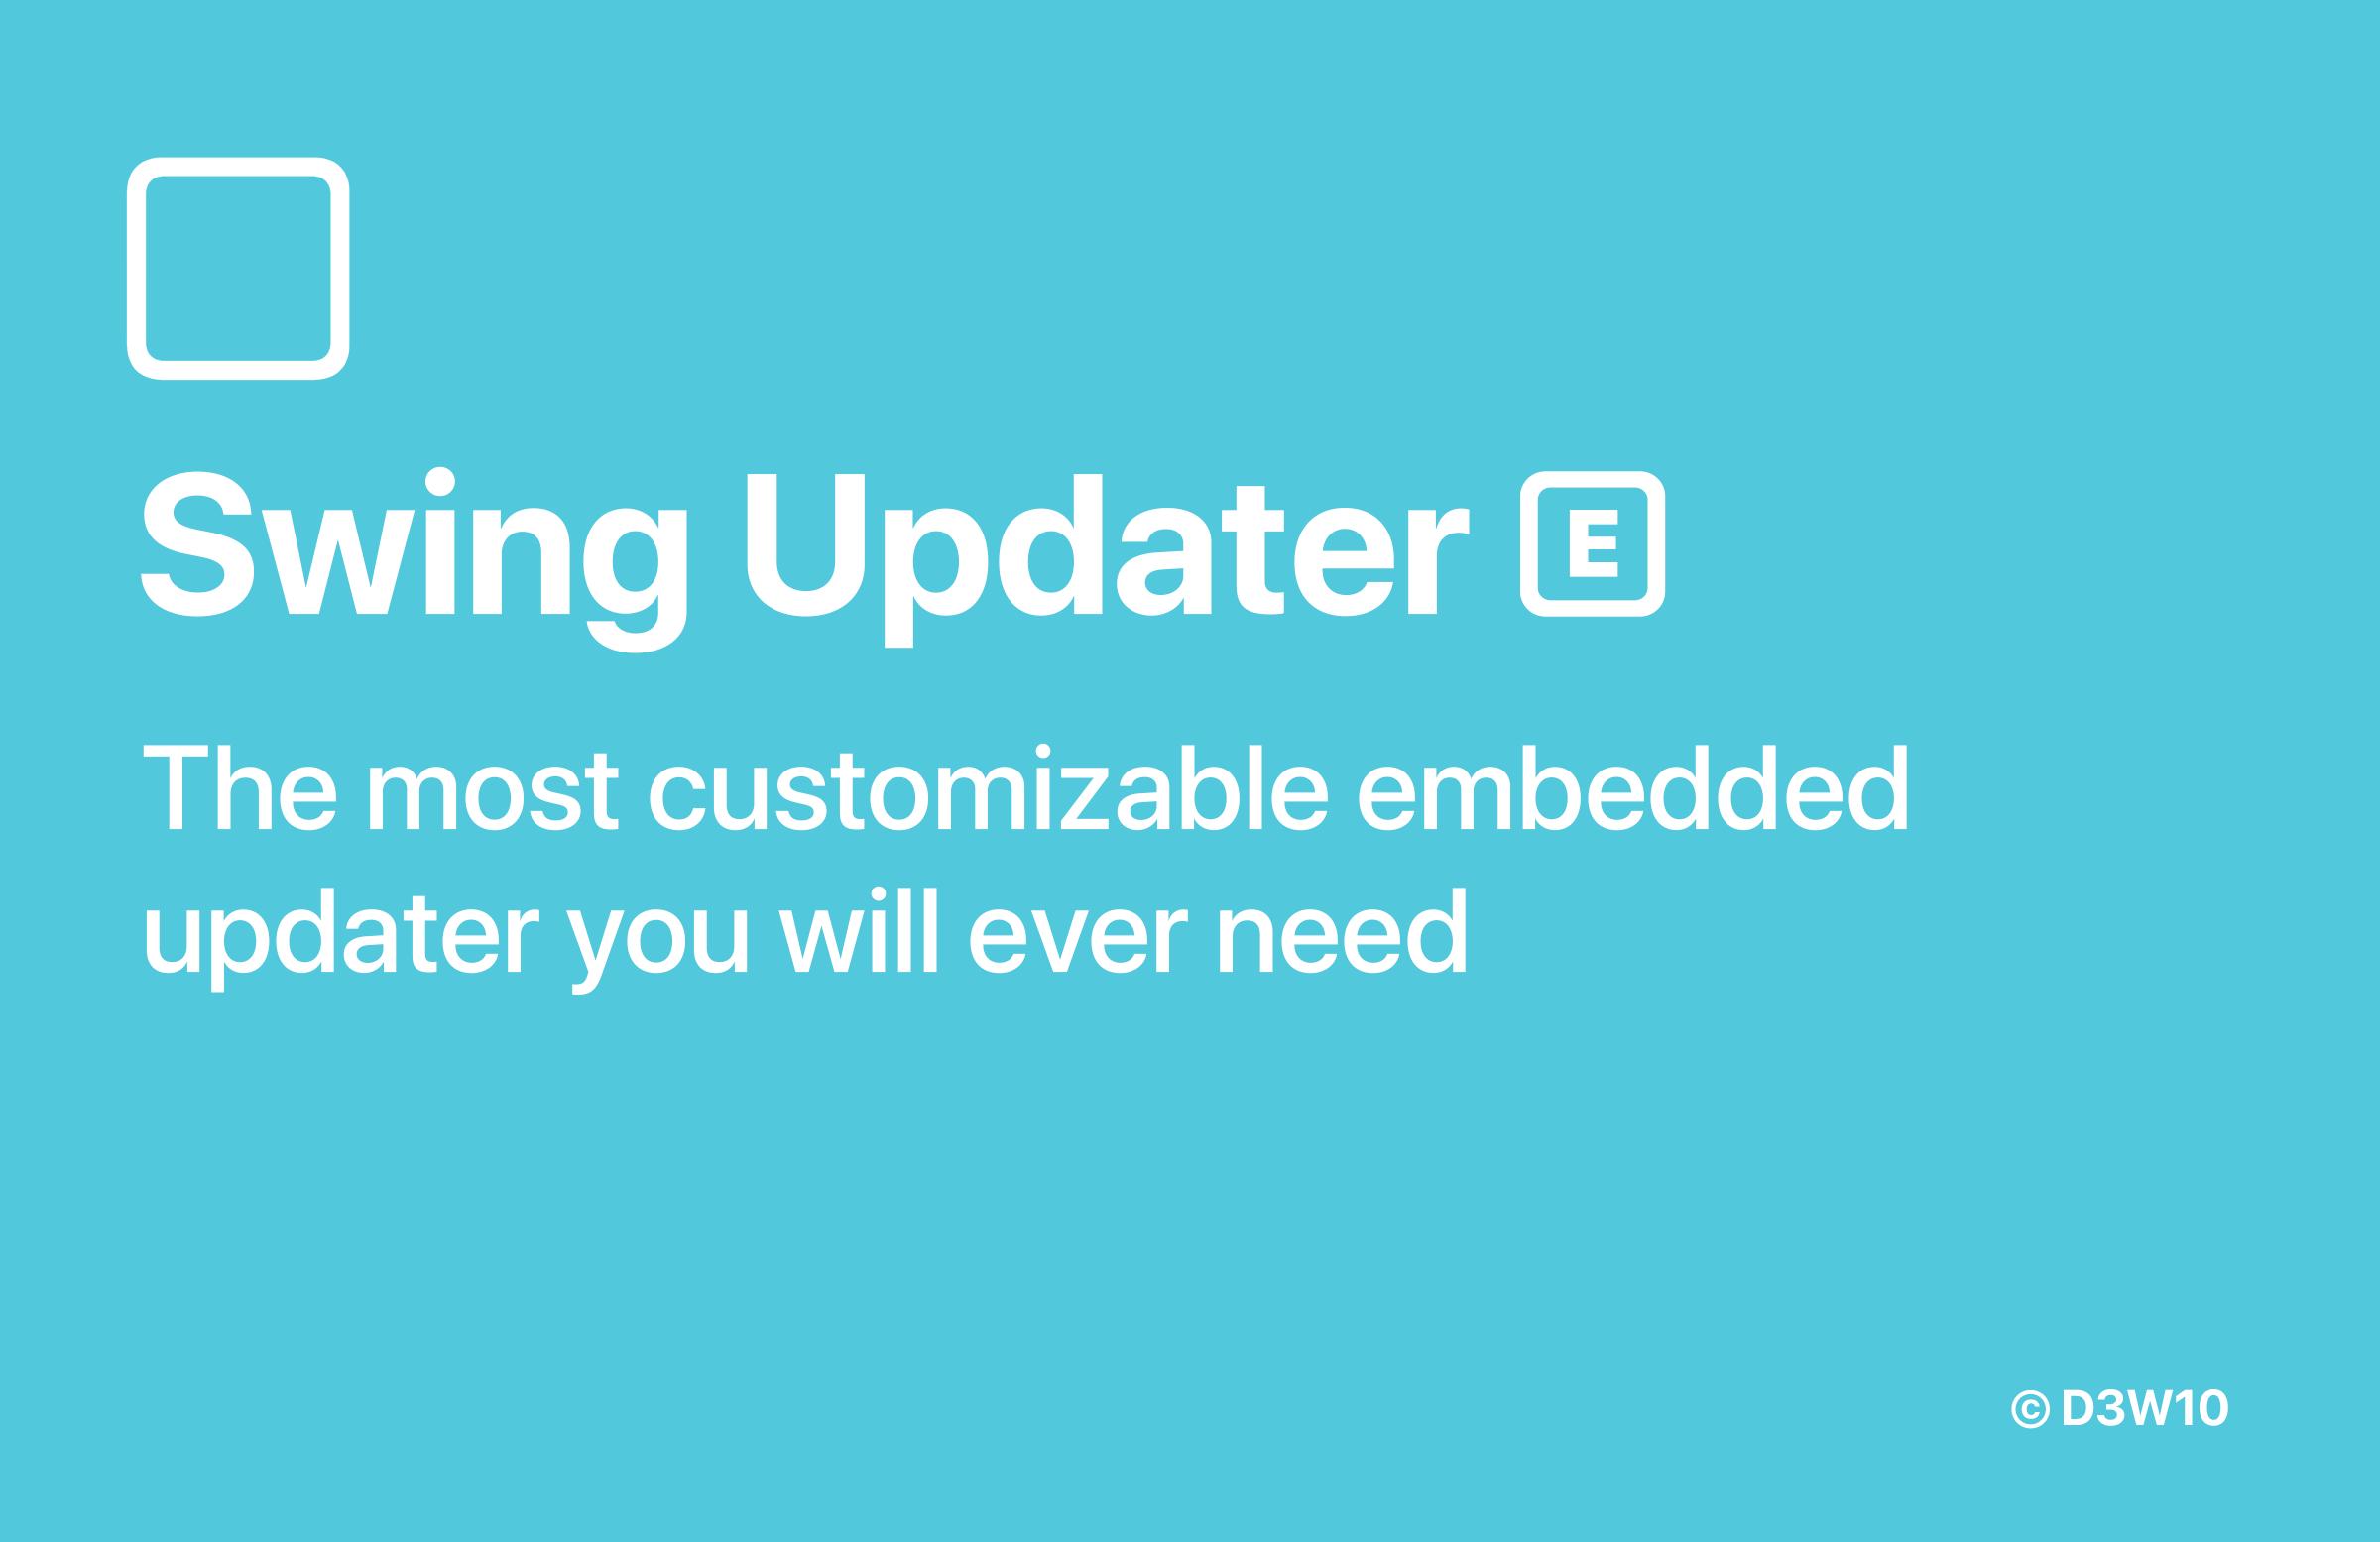 Swing Updater [E] Banner